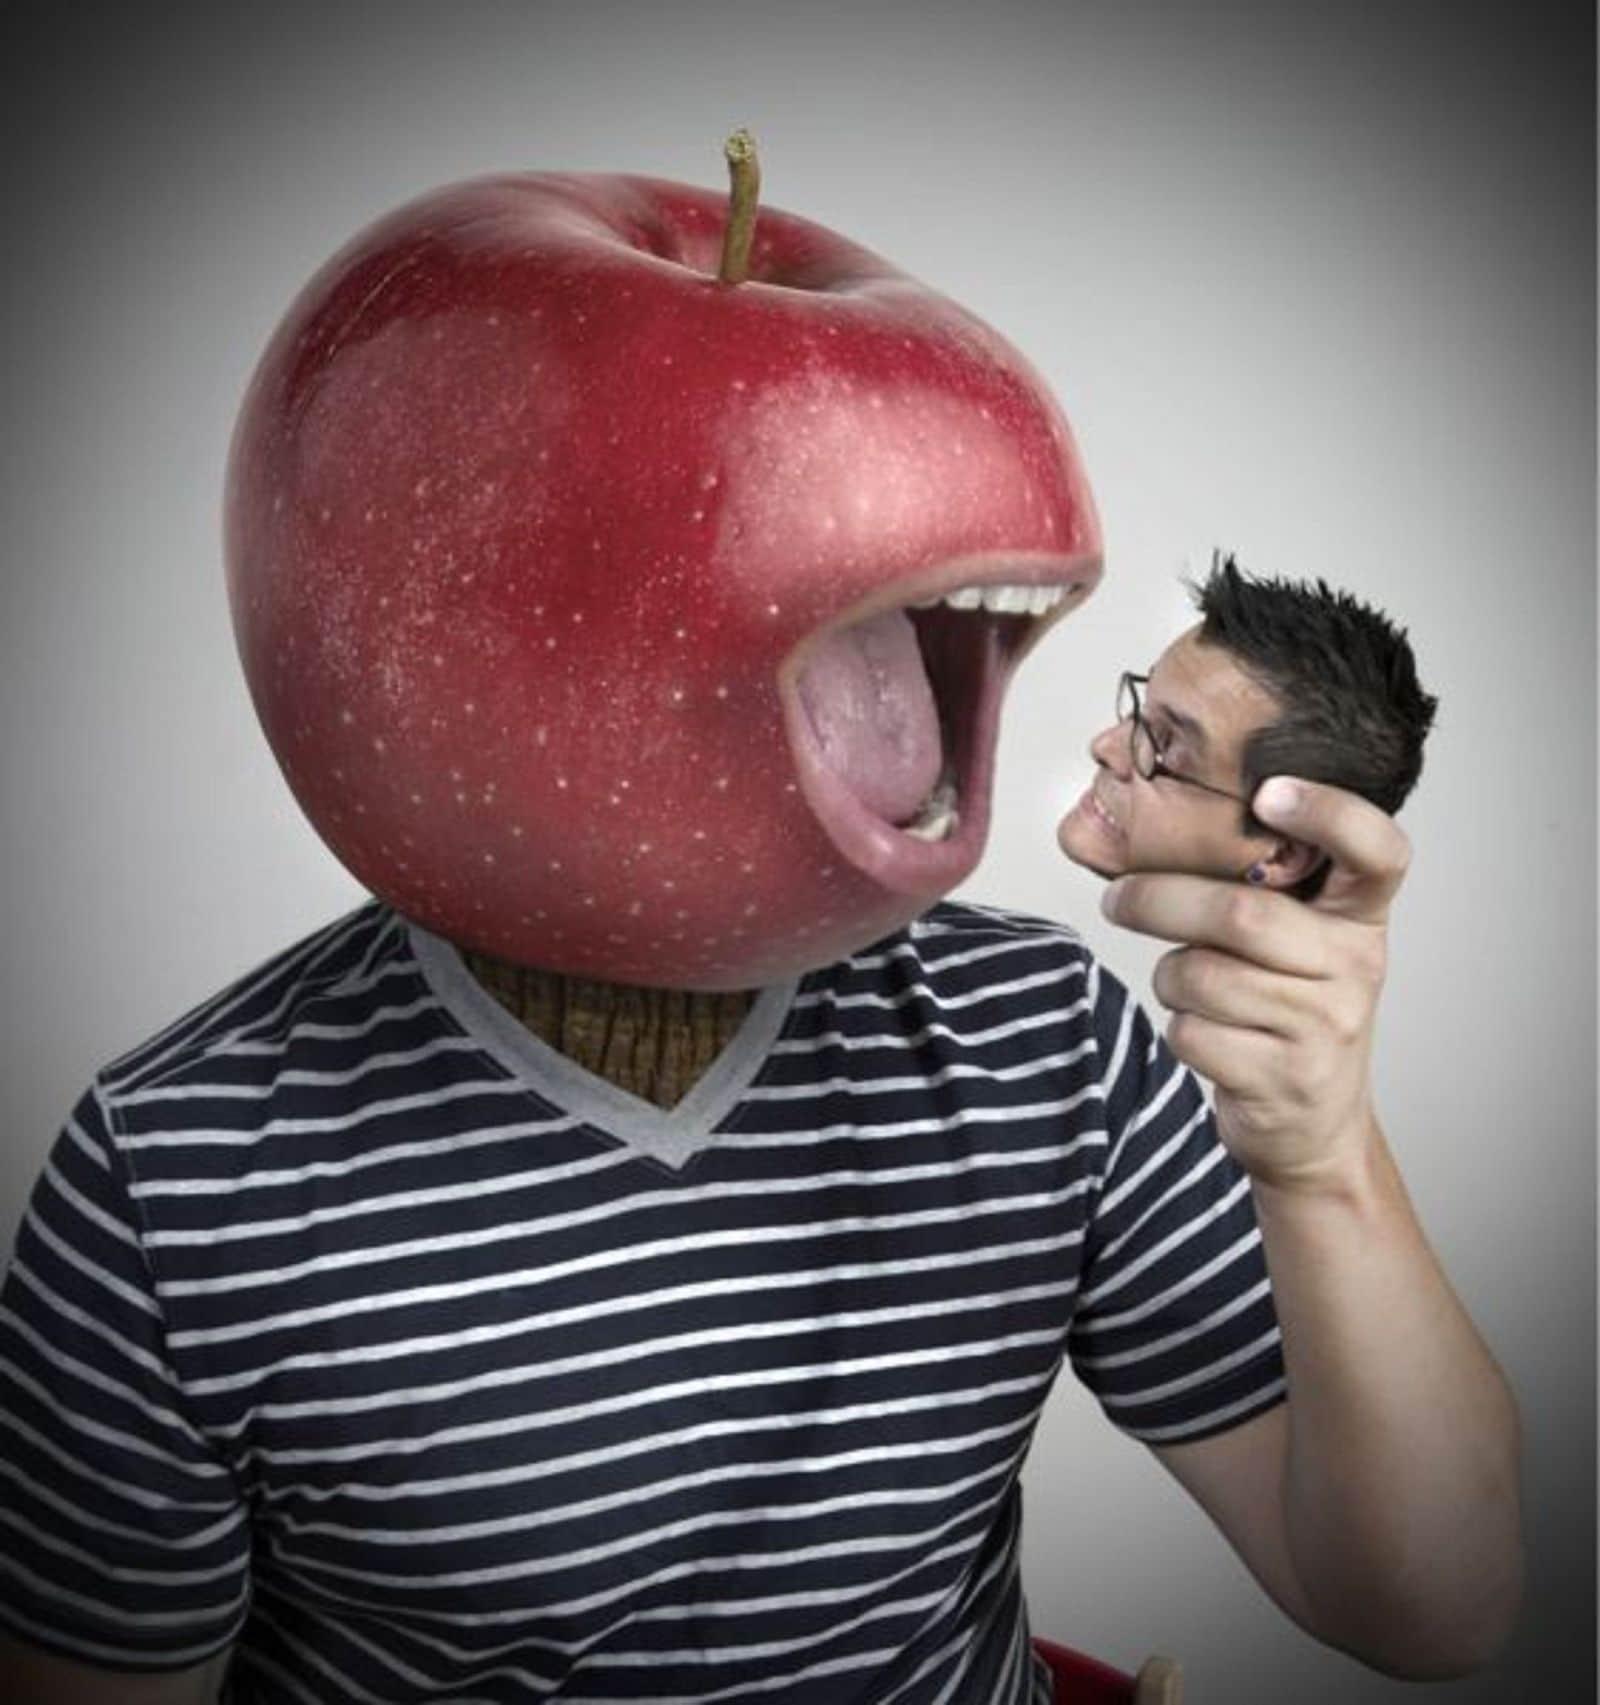 мужчина с яблоком вместо головы